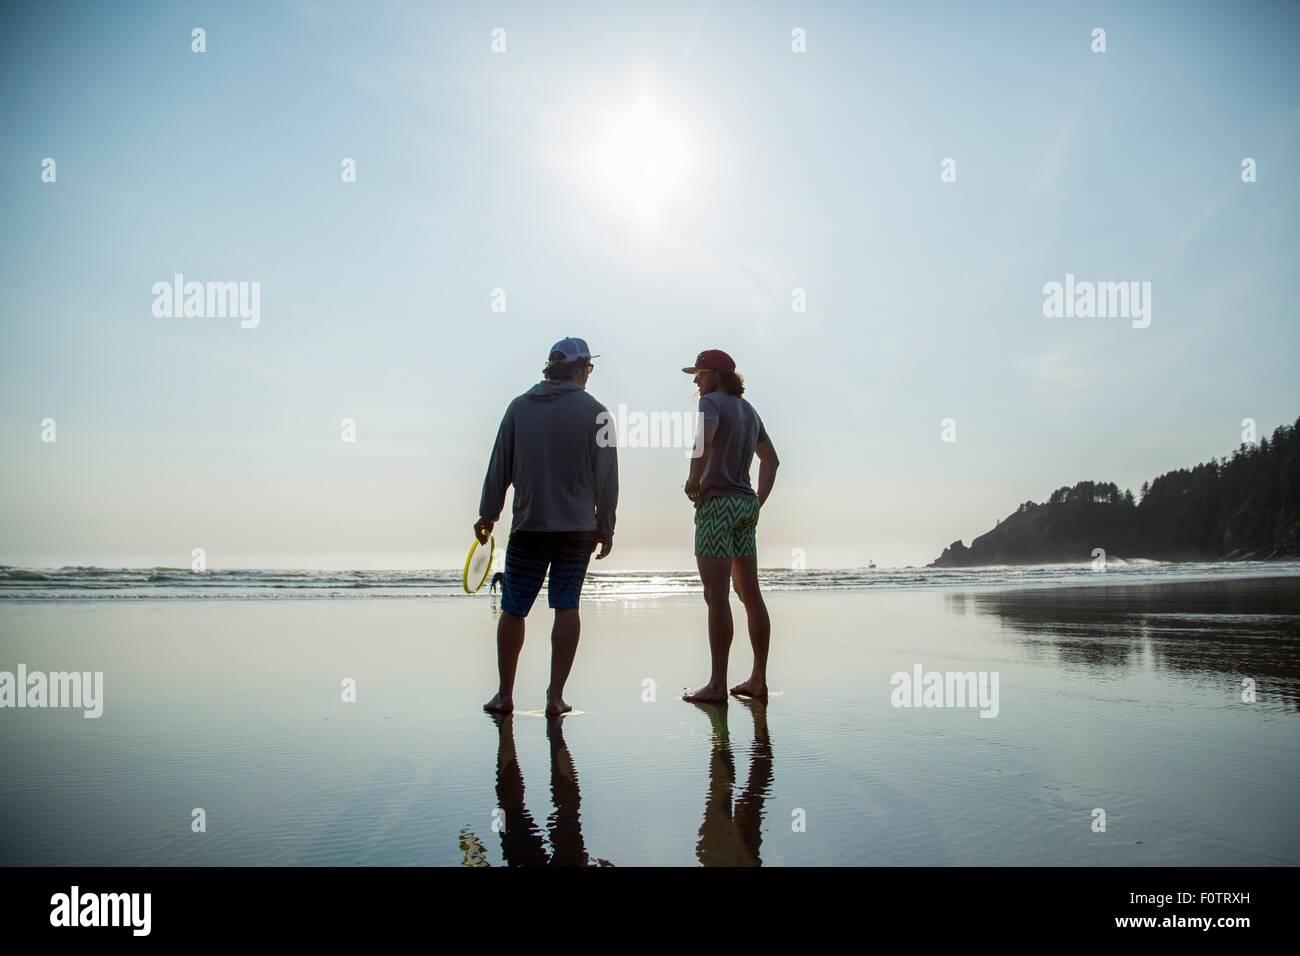 Silueta trasera vista de dos jóvenes chateando en el corto Sands Beach, Oregón, EE.UU. Imagen De Stock